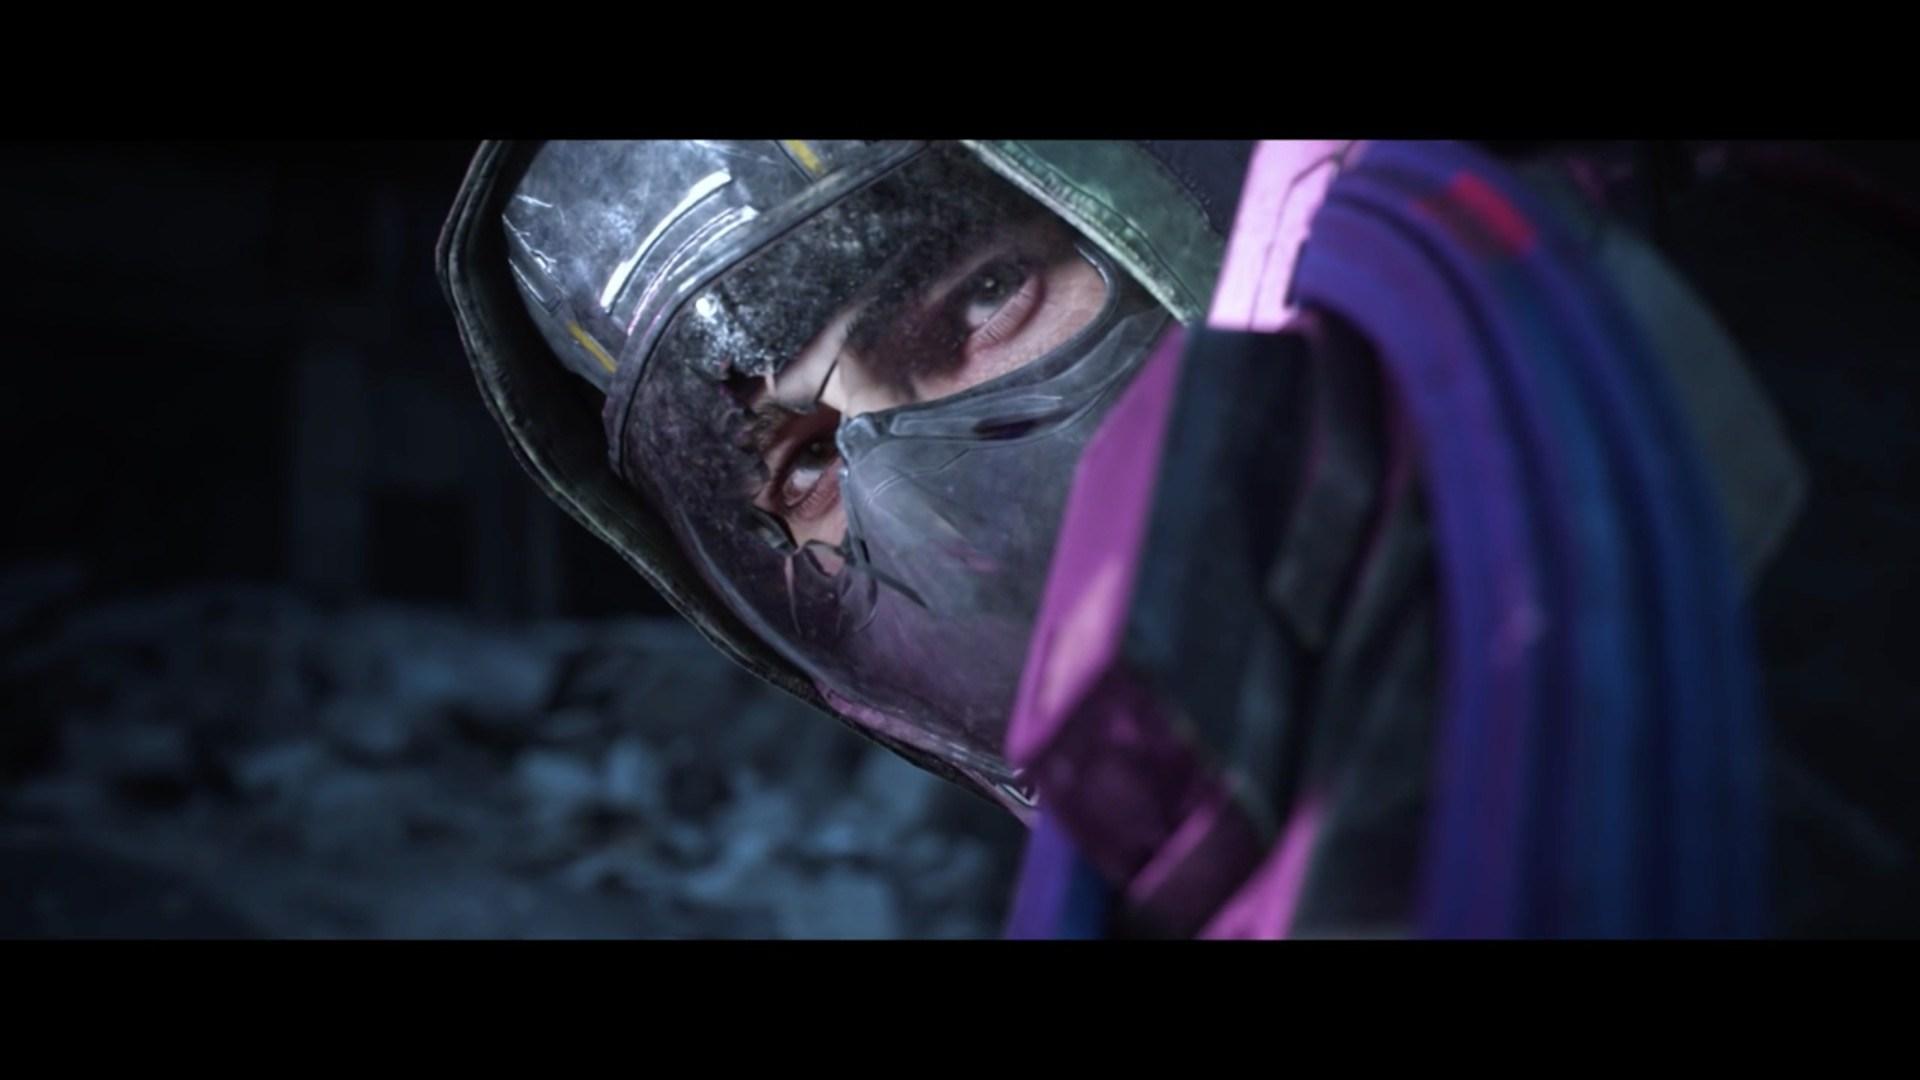 Surge2 E3 Trailer